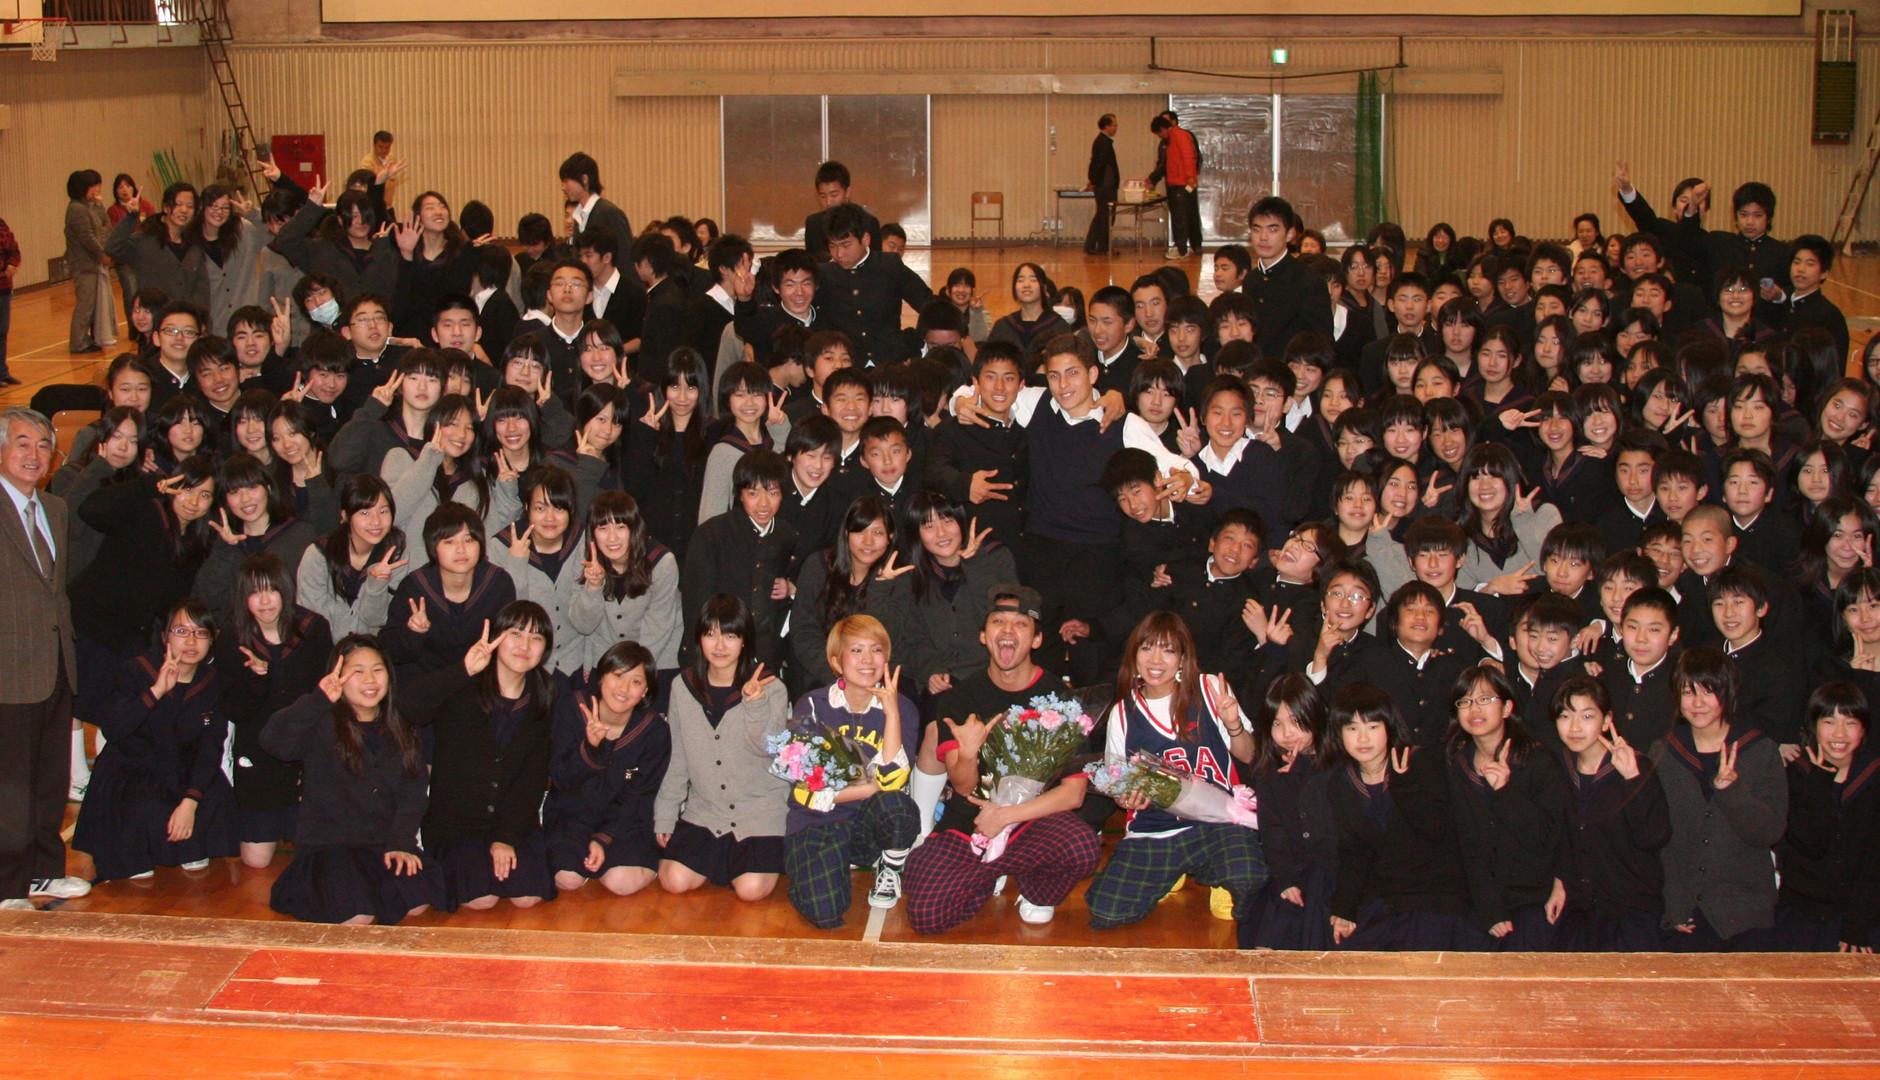 中学校ダンス指導支援 | 株式会社オフィスC・E・R | 松ノ木中学校へ凱旋